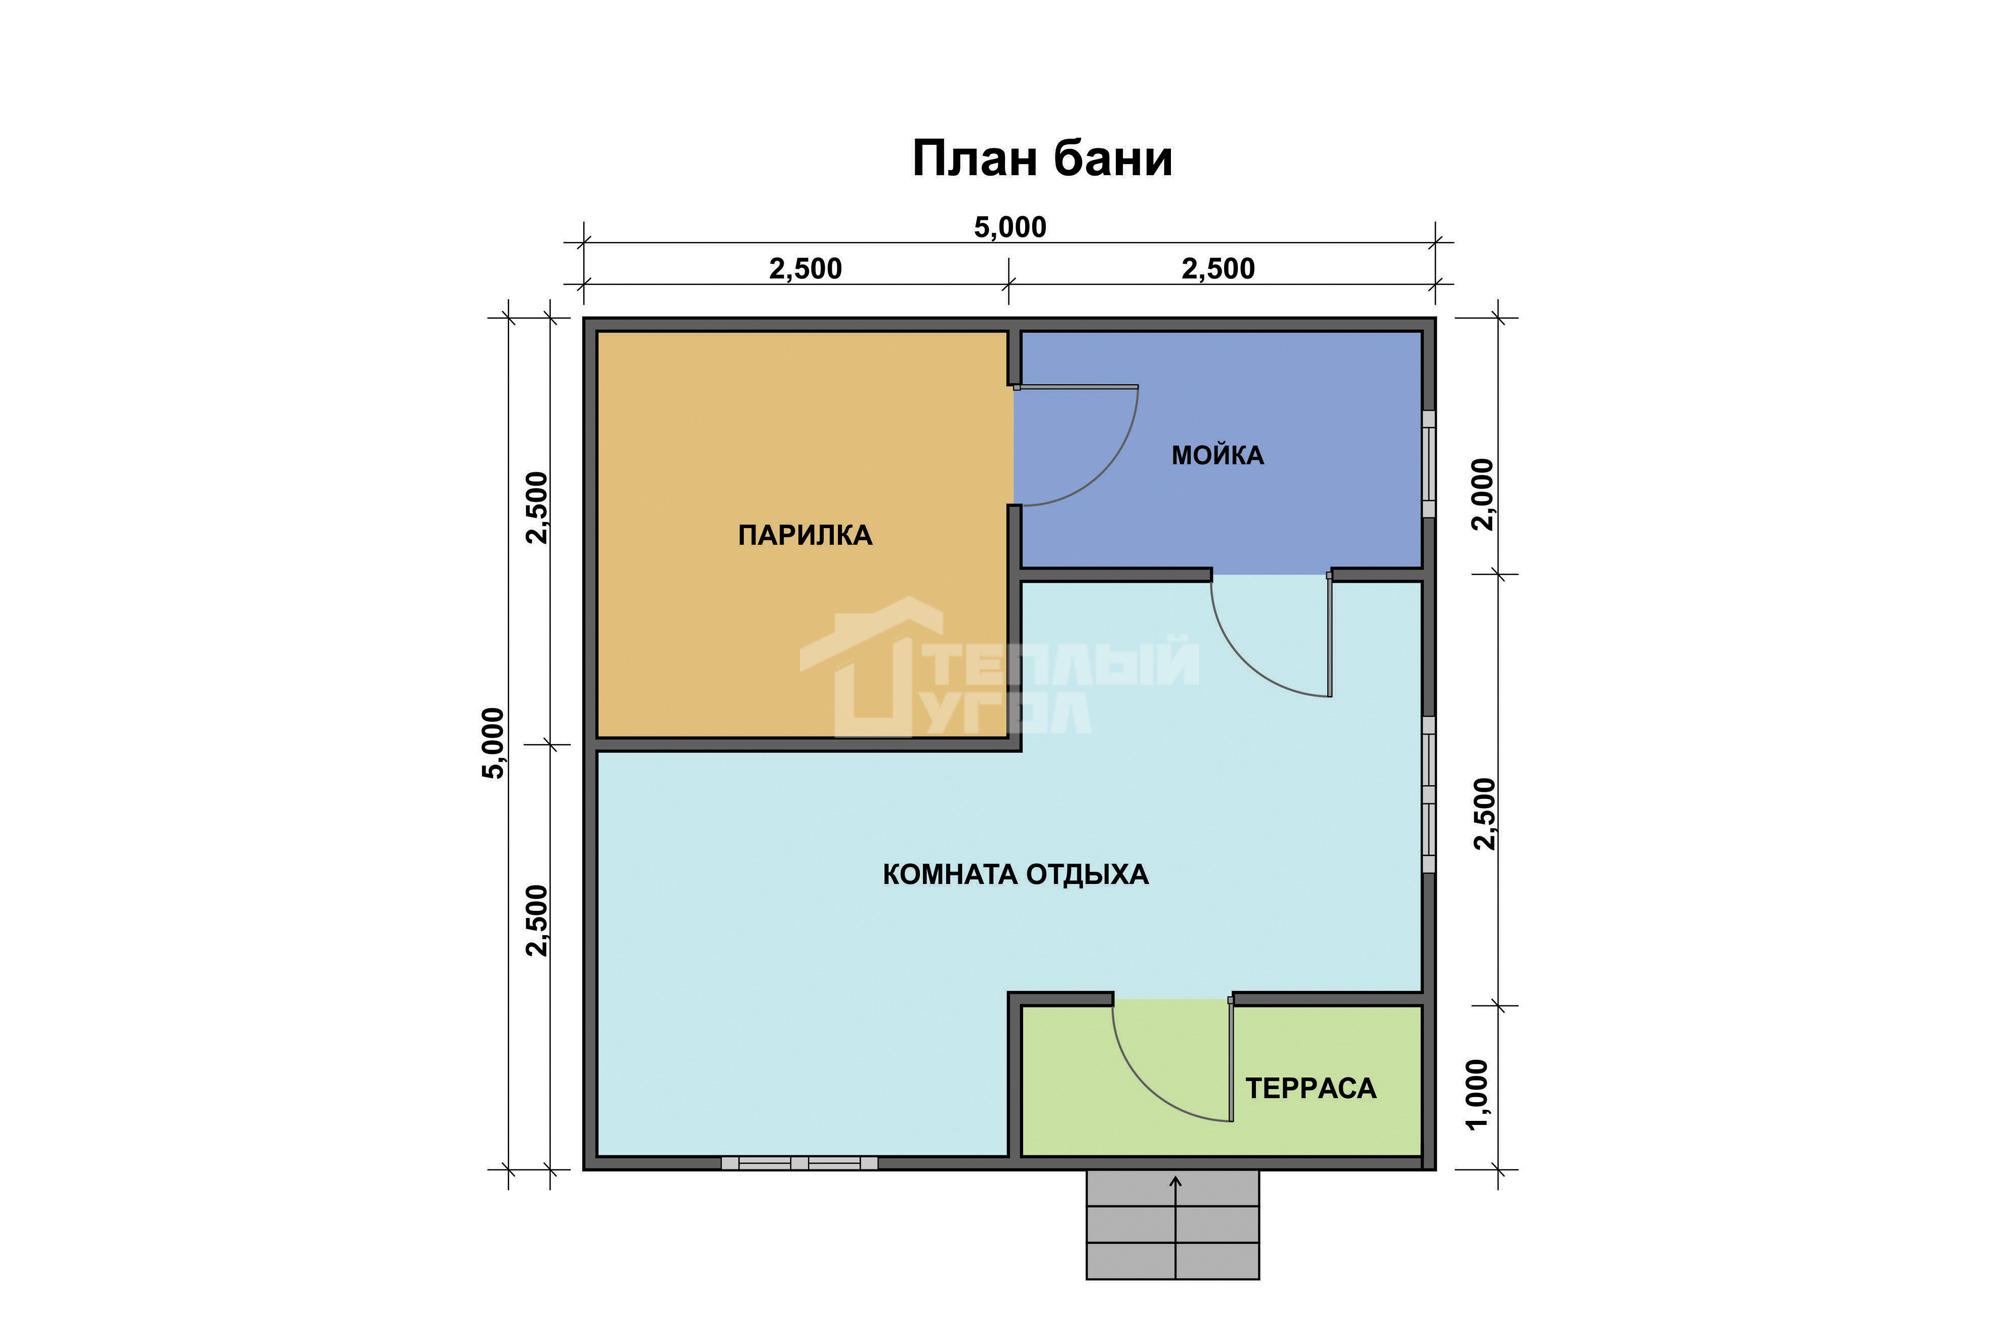 Баня с мансардой размером 6х6: дом с террасой, планировка с туалетом, каркасный терем из бруса, бревна и сруба